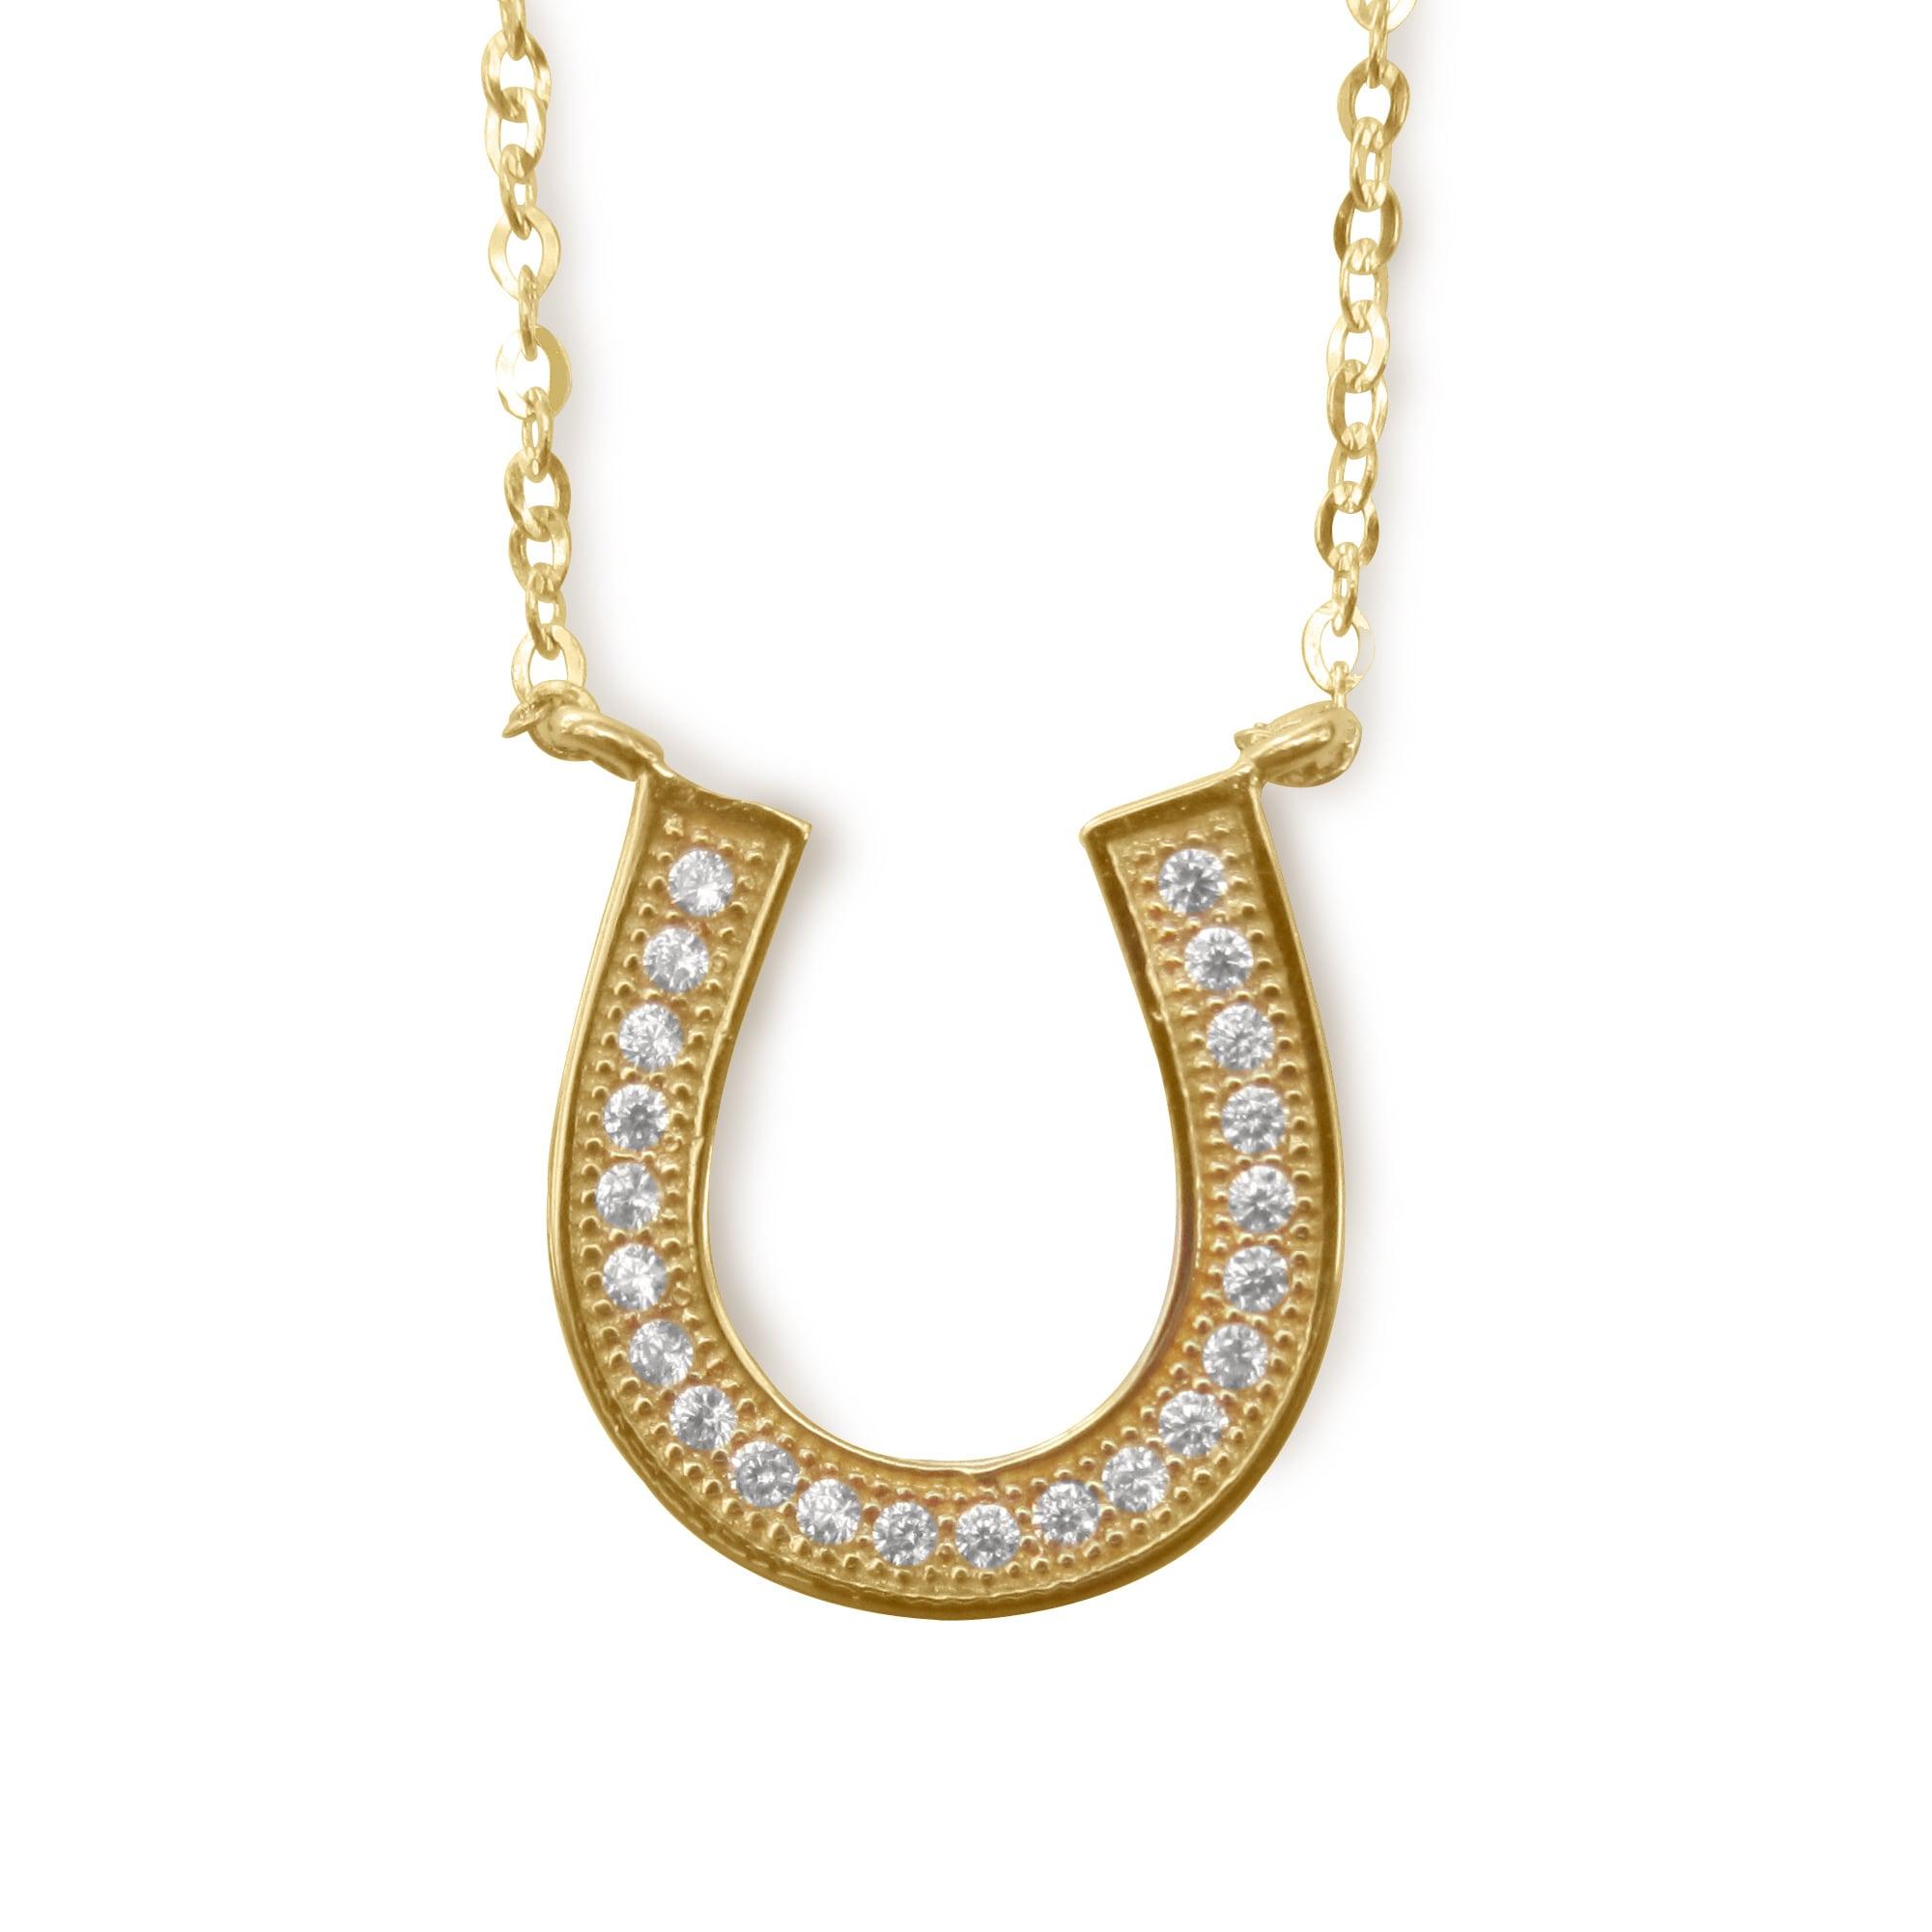 HORSESHOE NECKLACE,14 KT GOLD /& CZ HORSESHOE NECKLACE 18 INCHES